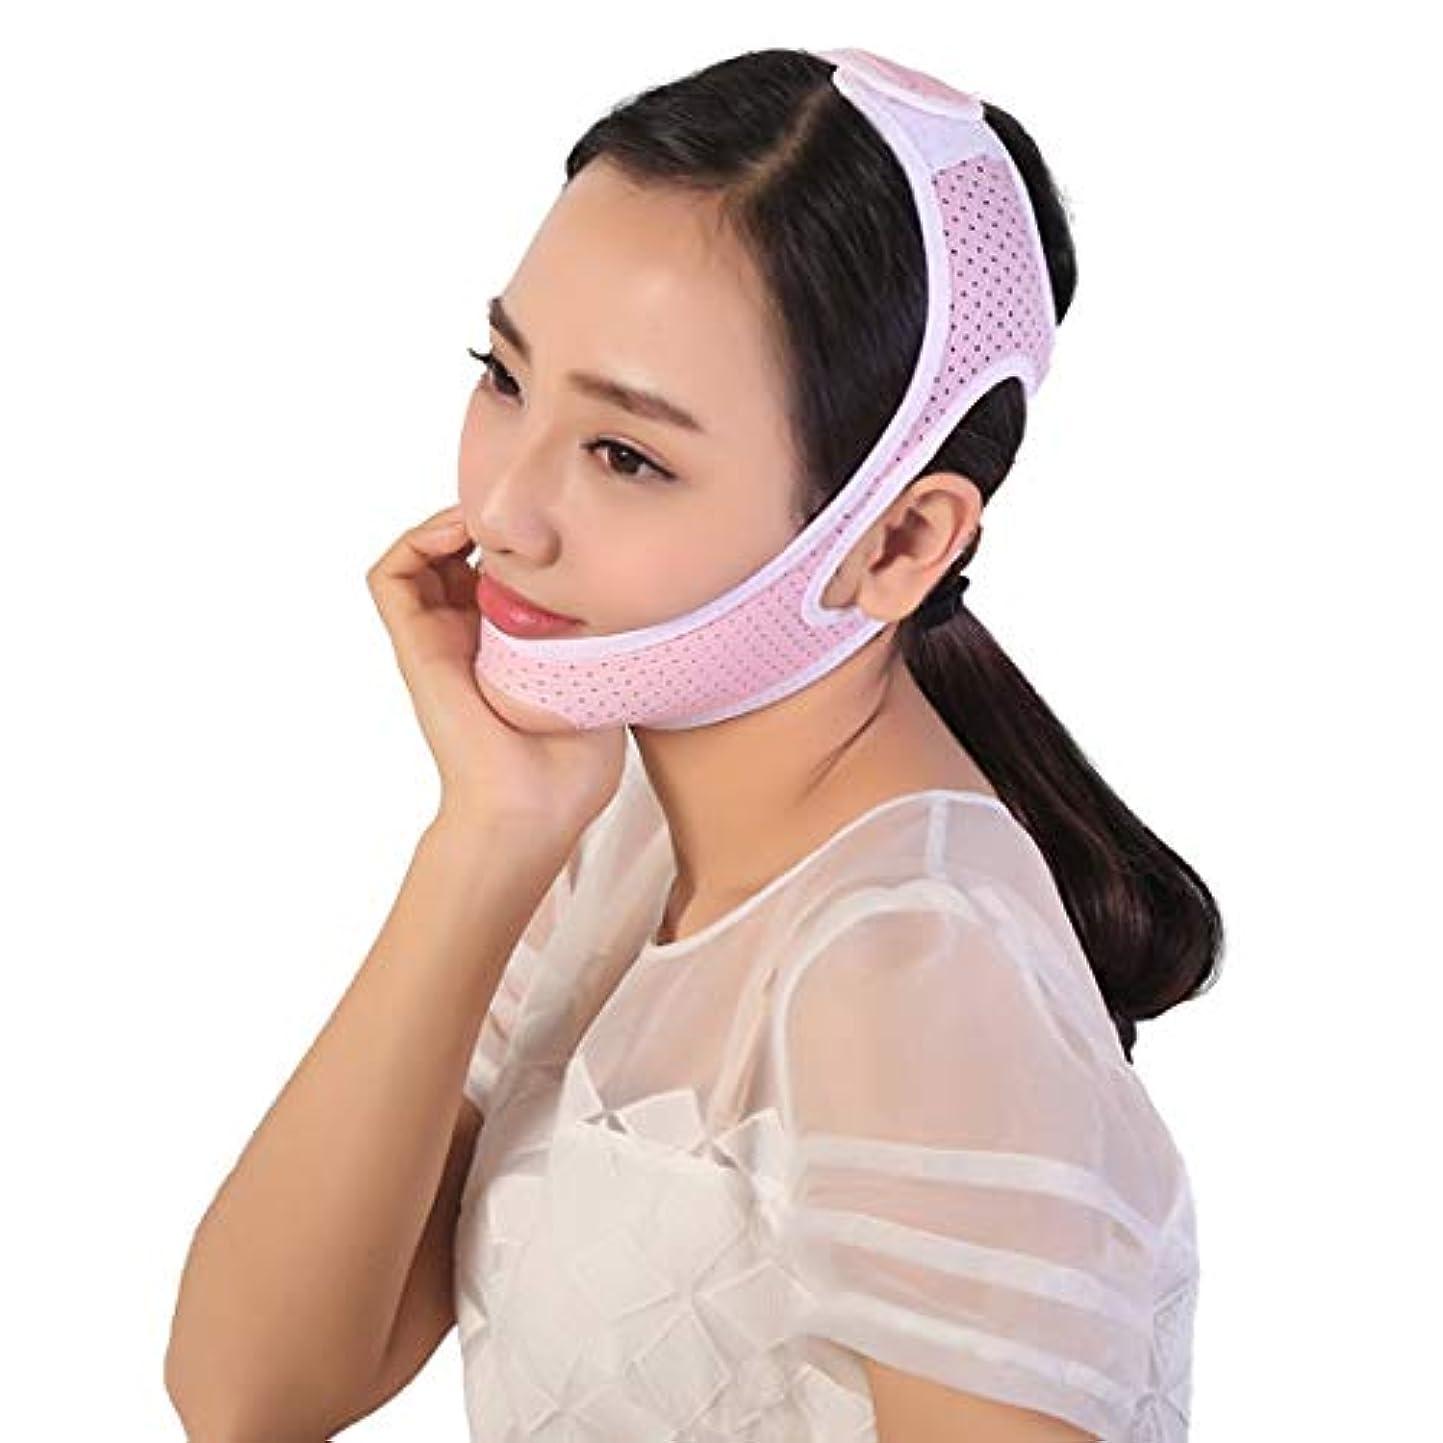 すなわち疲労無実ZWBD フェイスマスク, フェイスリフティング包帯フェイシャルリフティング引き締めダブルチン判V通気性